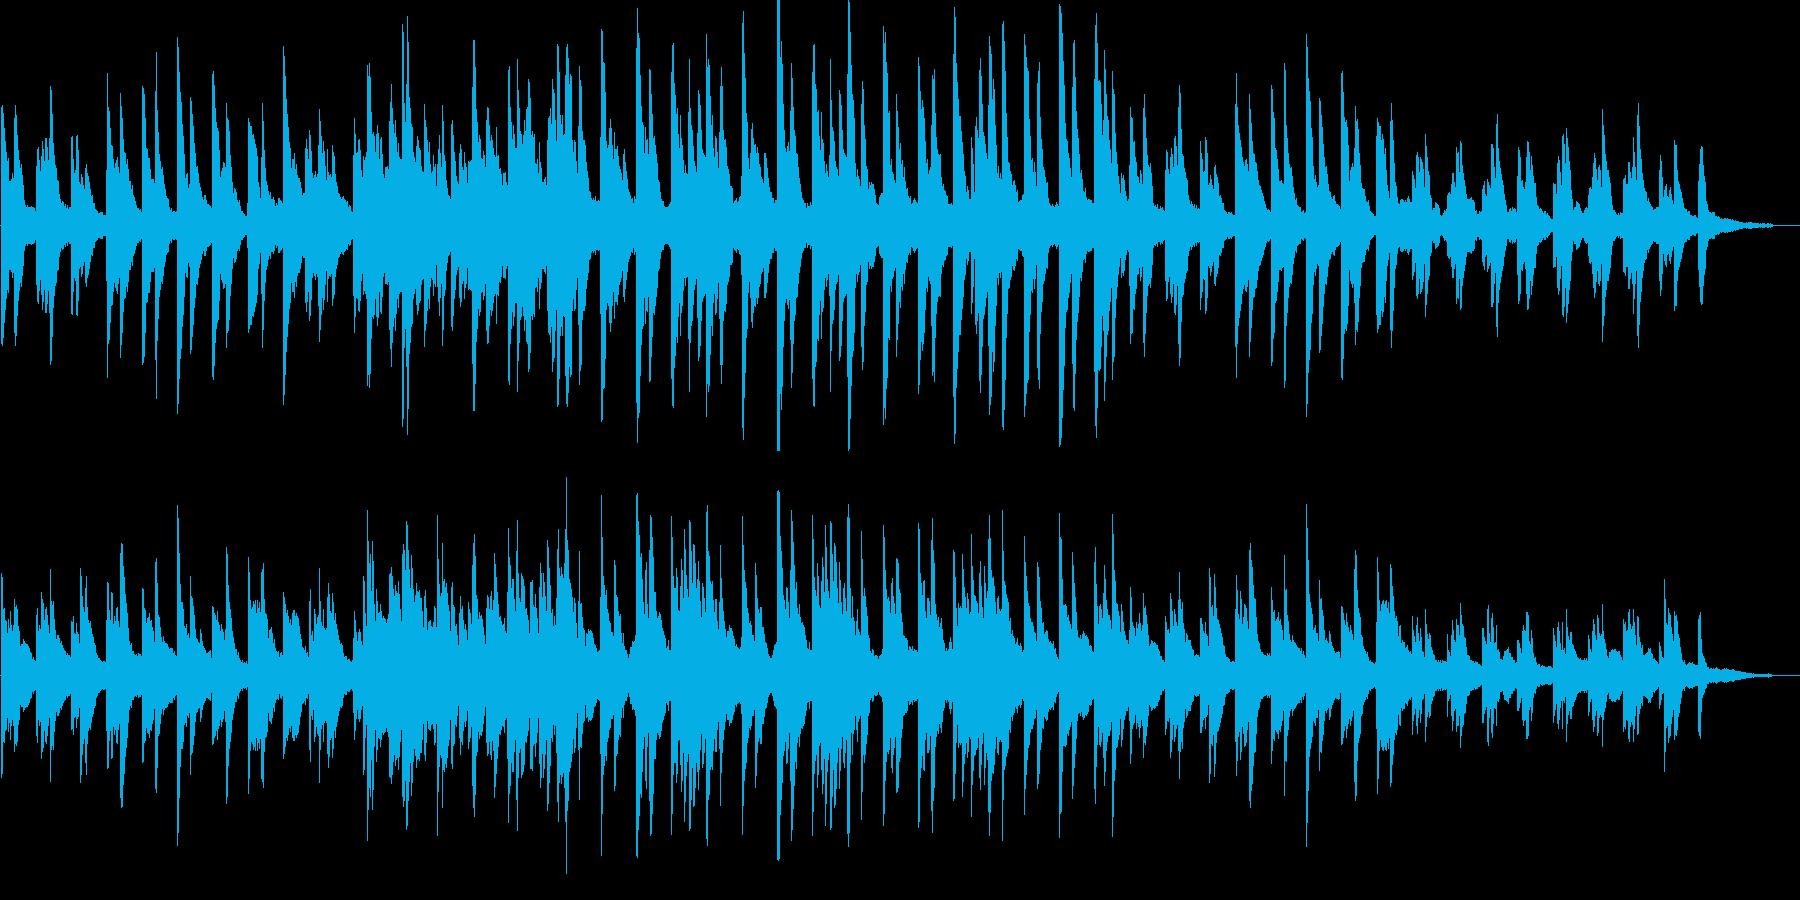 切ない・感動的・バラード・ピアノ・映像用の再生済みの波形